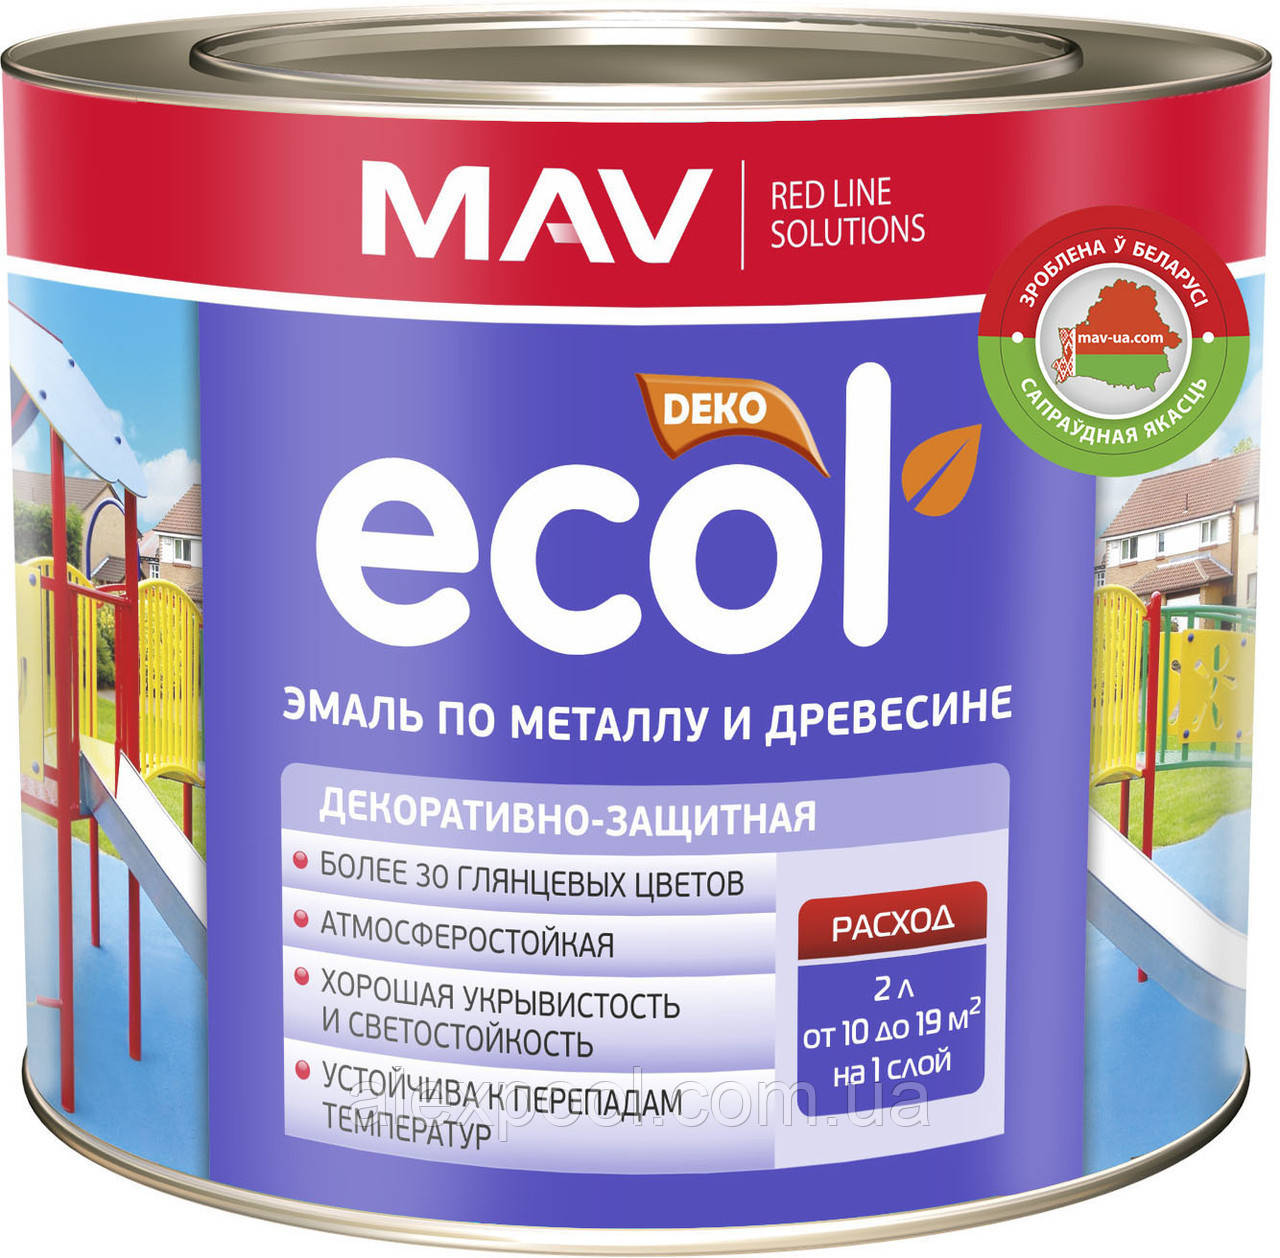 Эмаль MAV ECOL по металлу и древесине Зеленая 20 литров